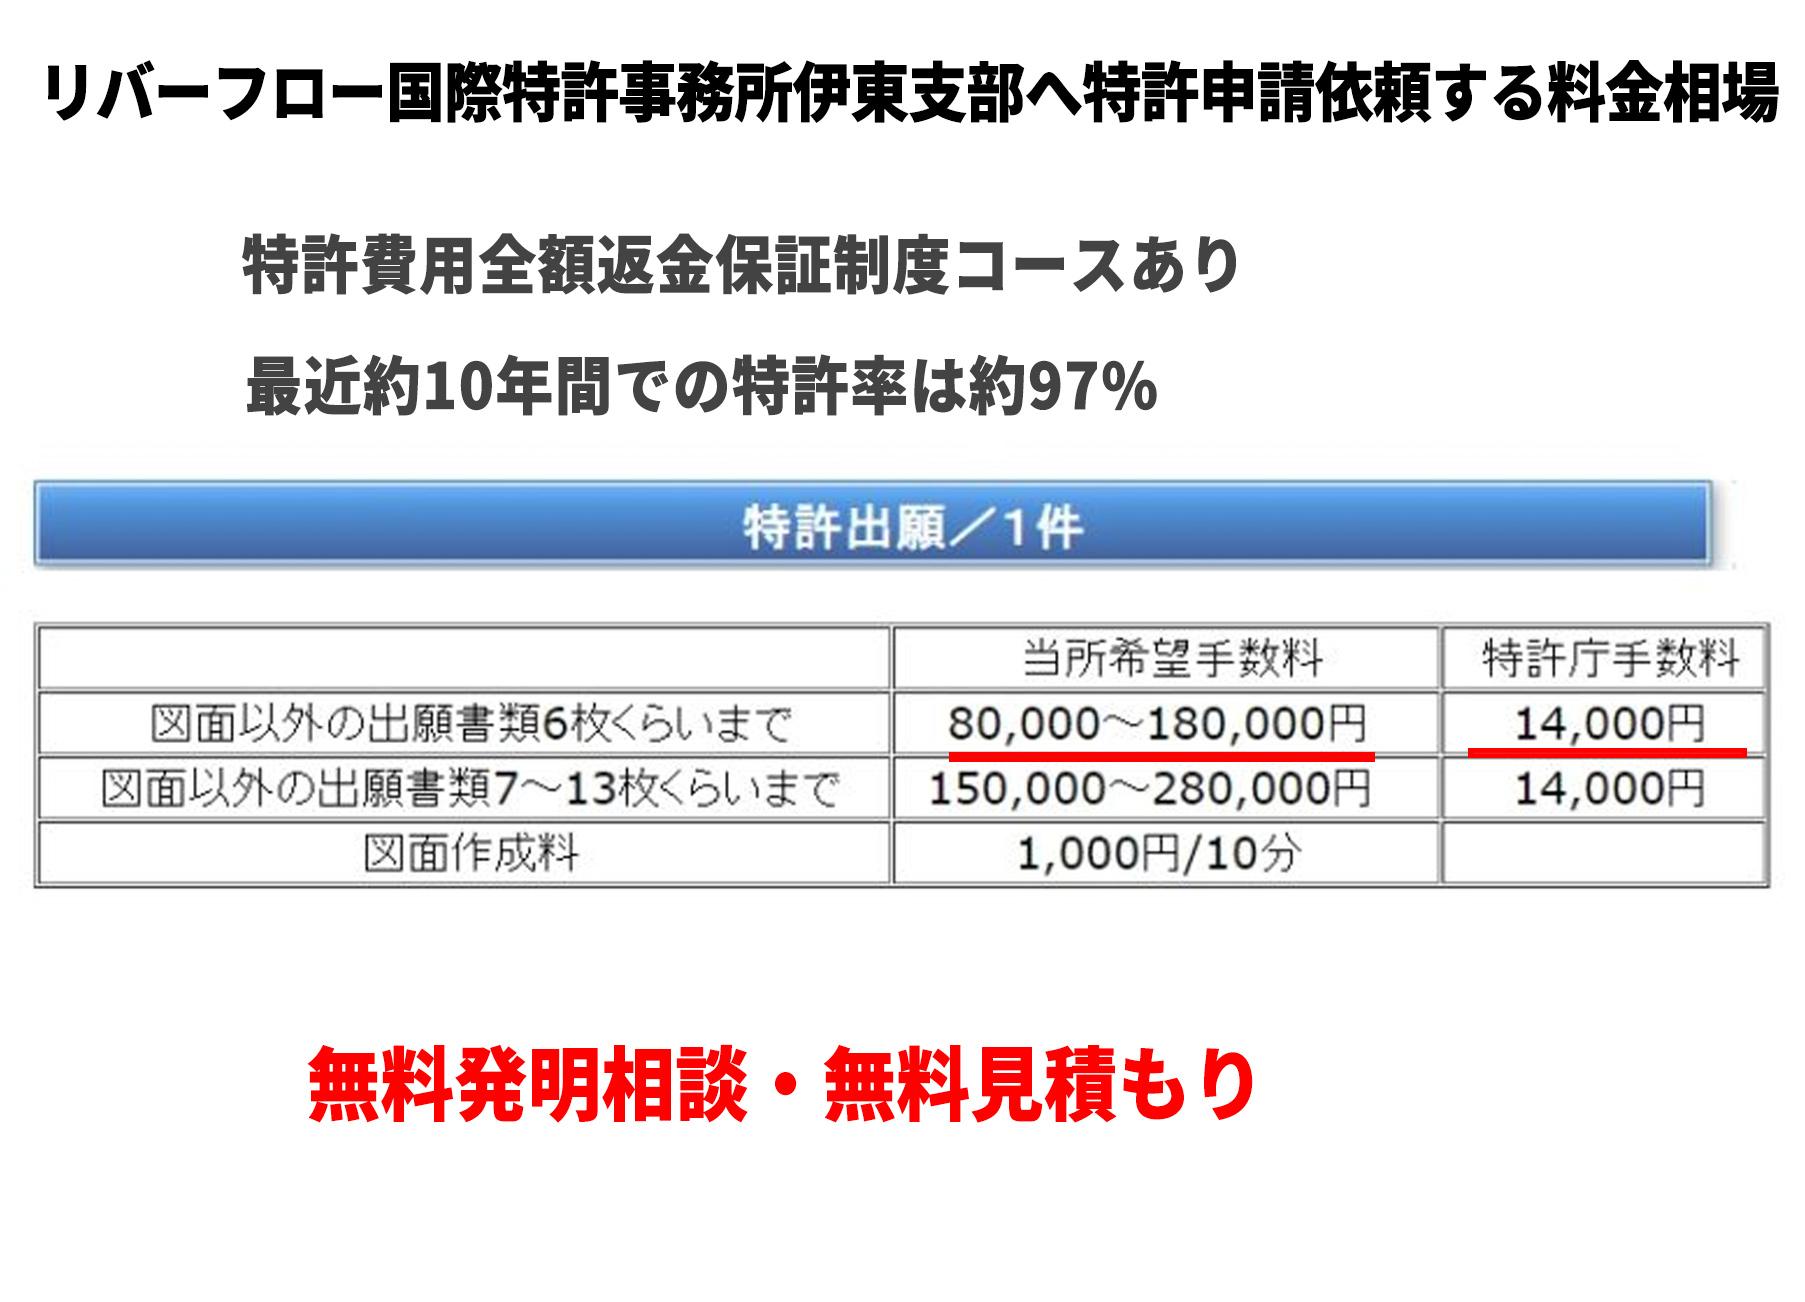 リバーフロー国際特許事務所伊東支部へ特許申請依頼する料金相場